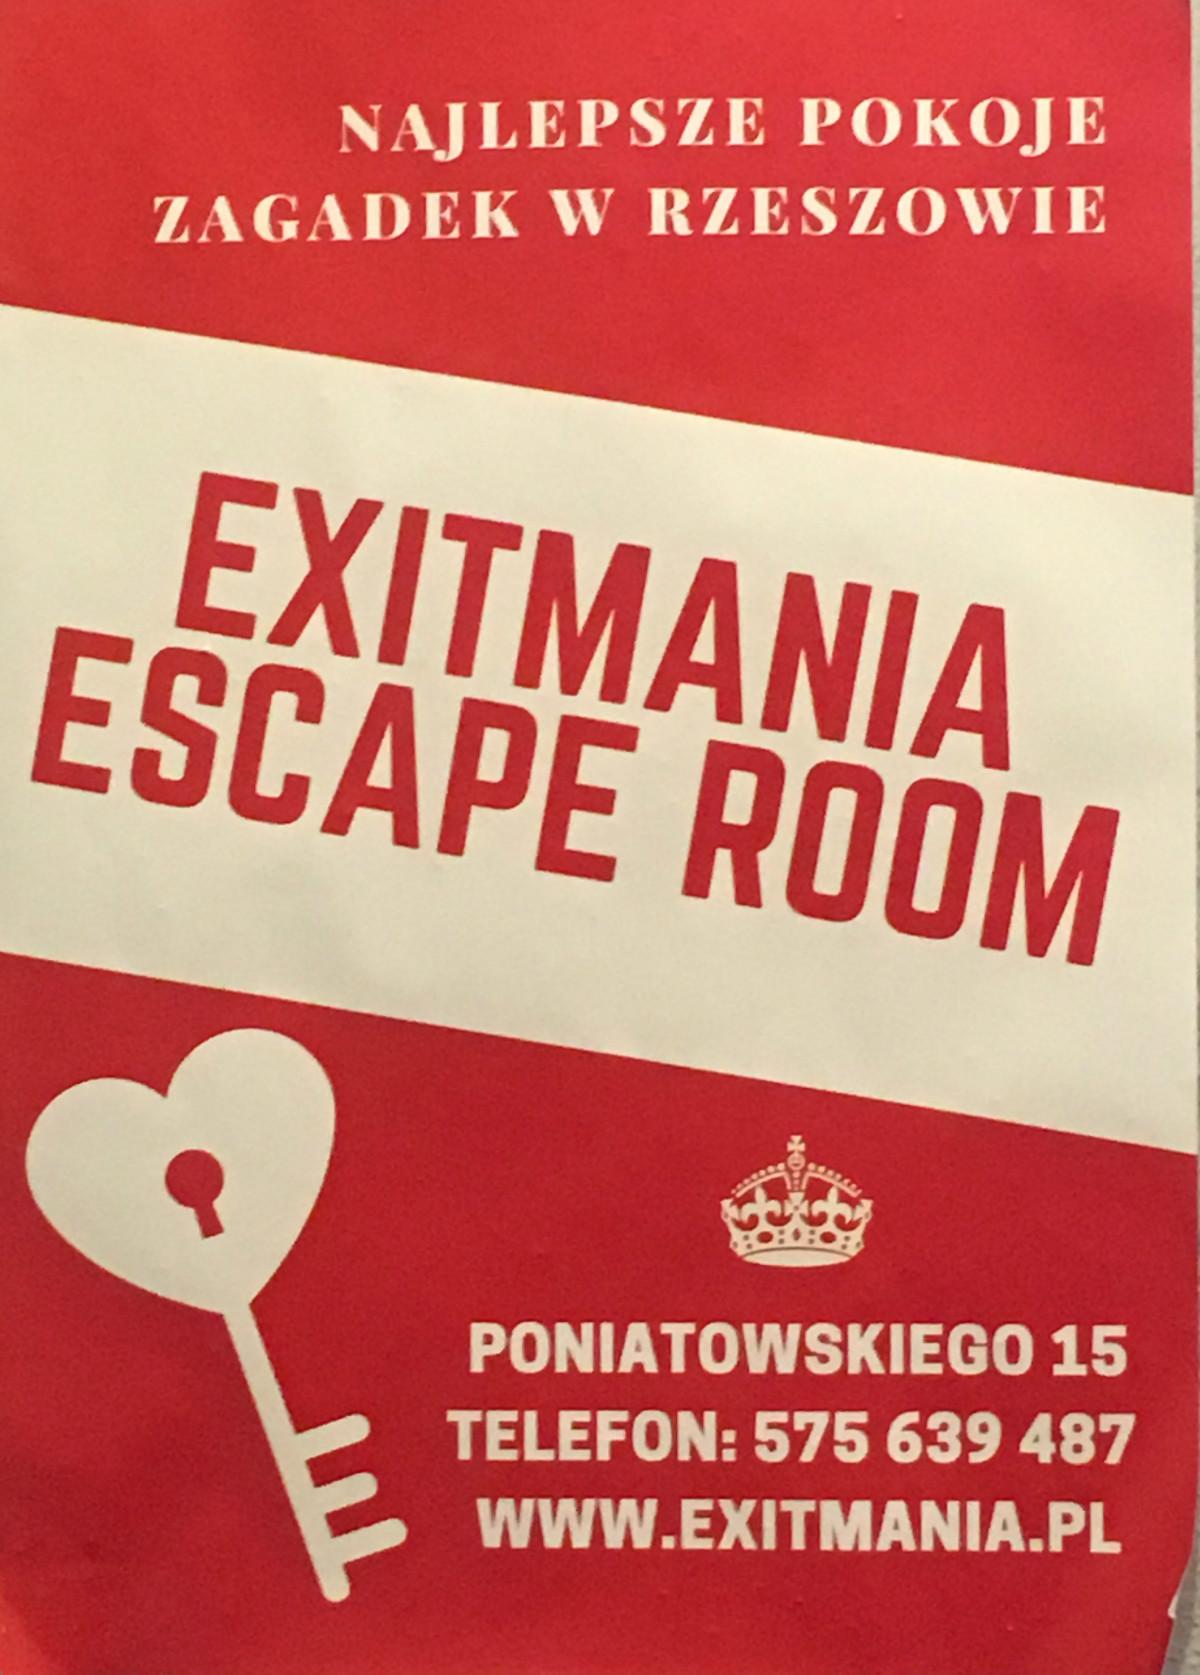 https://pcpr.powiat.rzeszowski.pl/aktualnosci/exitmania-escape-room-relacja-z-uczestnictwa-w-zabawie-dzieci-z-rodzin-zastepczych/attachment/img_9880-jpg/